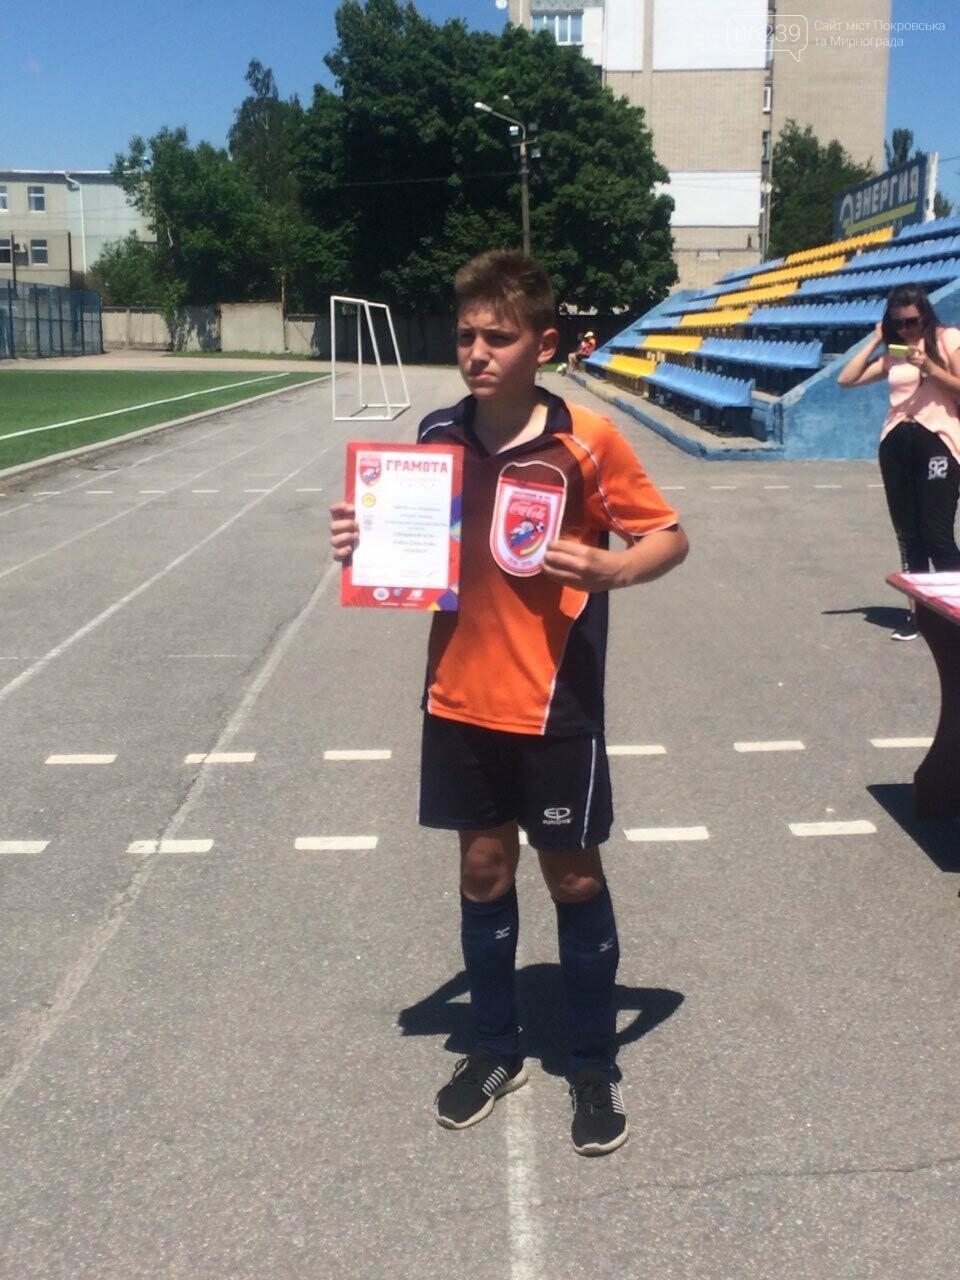 Спортсмены из Покровска заняли призовое место в соревнованиях по футболу, фото-3